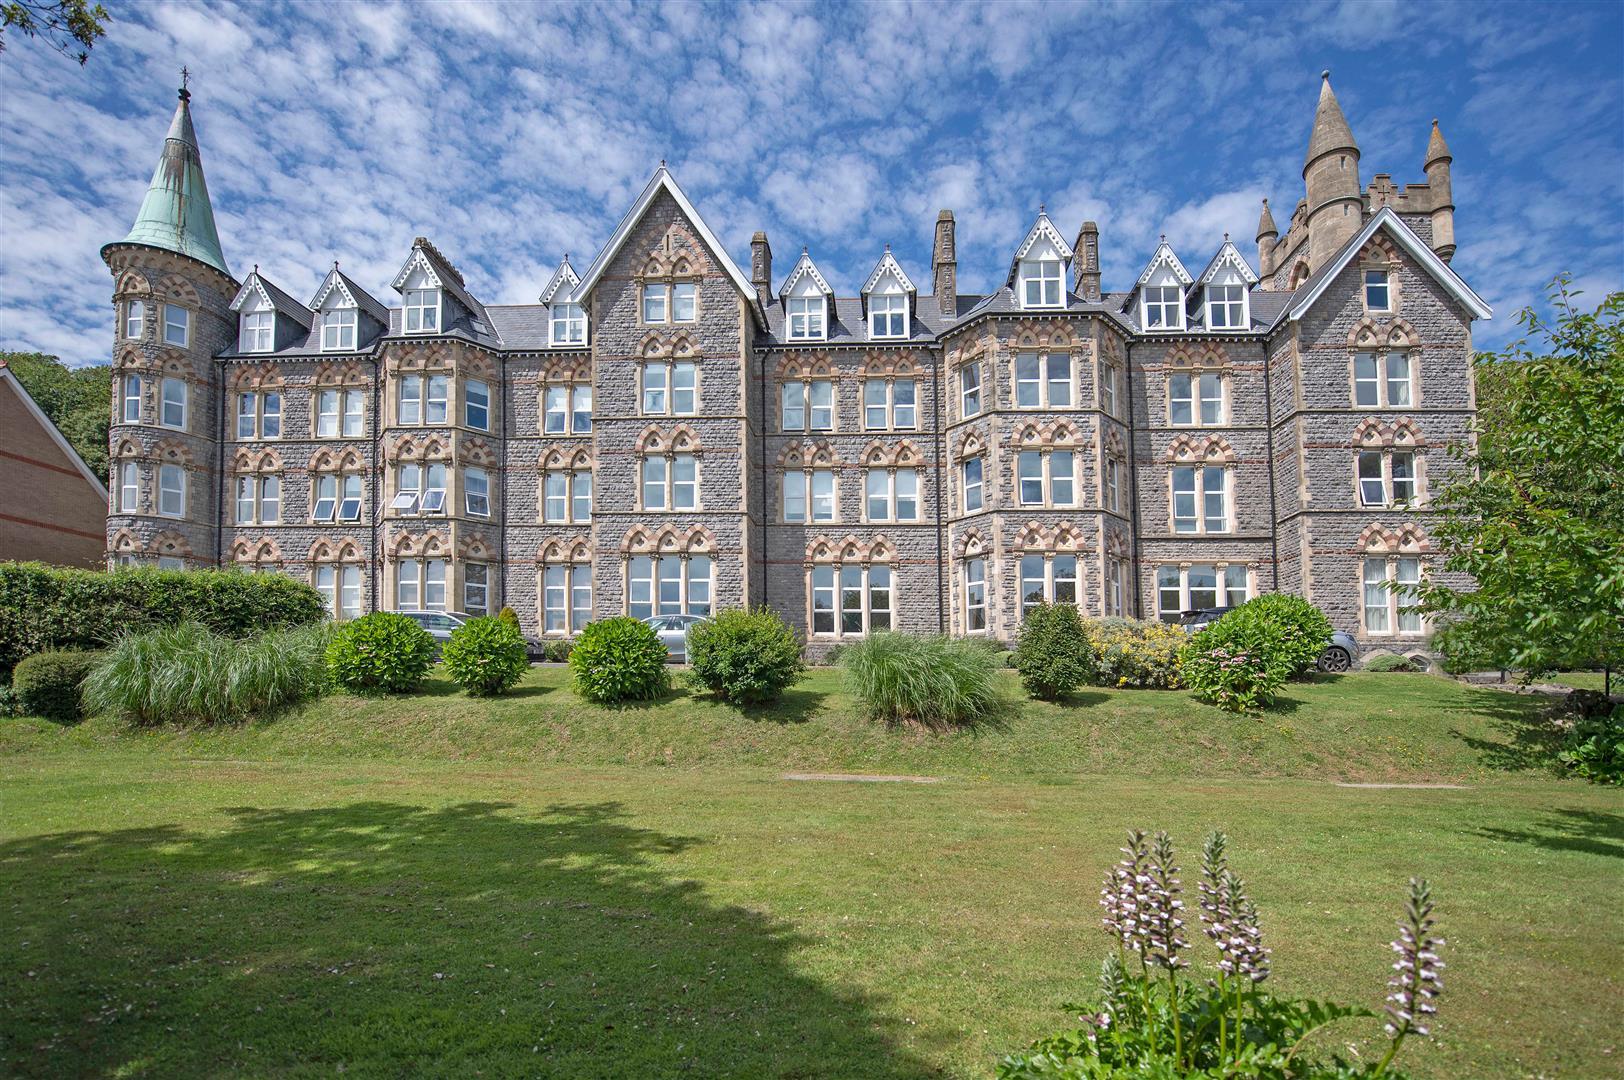 Langland Bay Manor, Langland, Swansea, SA3 4QH